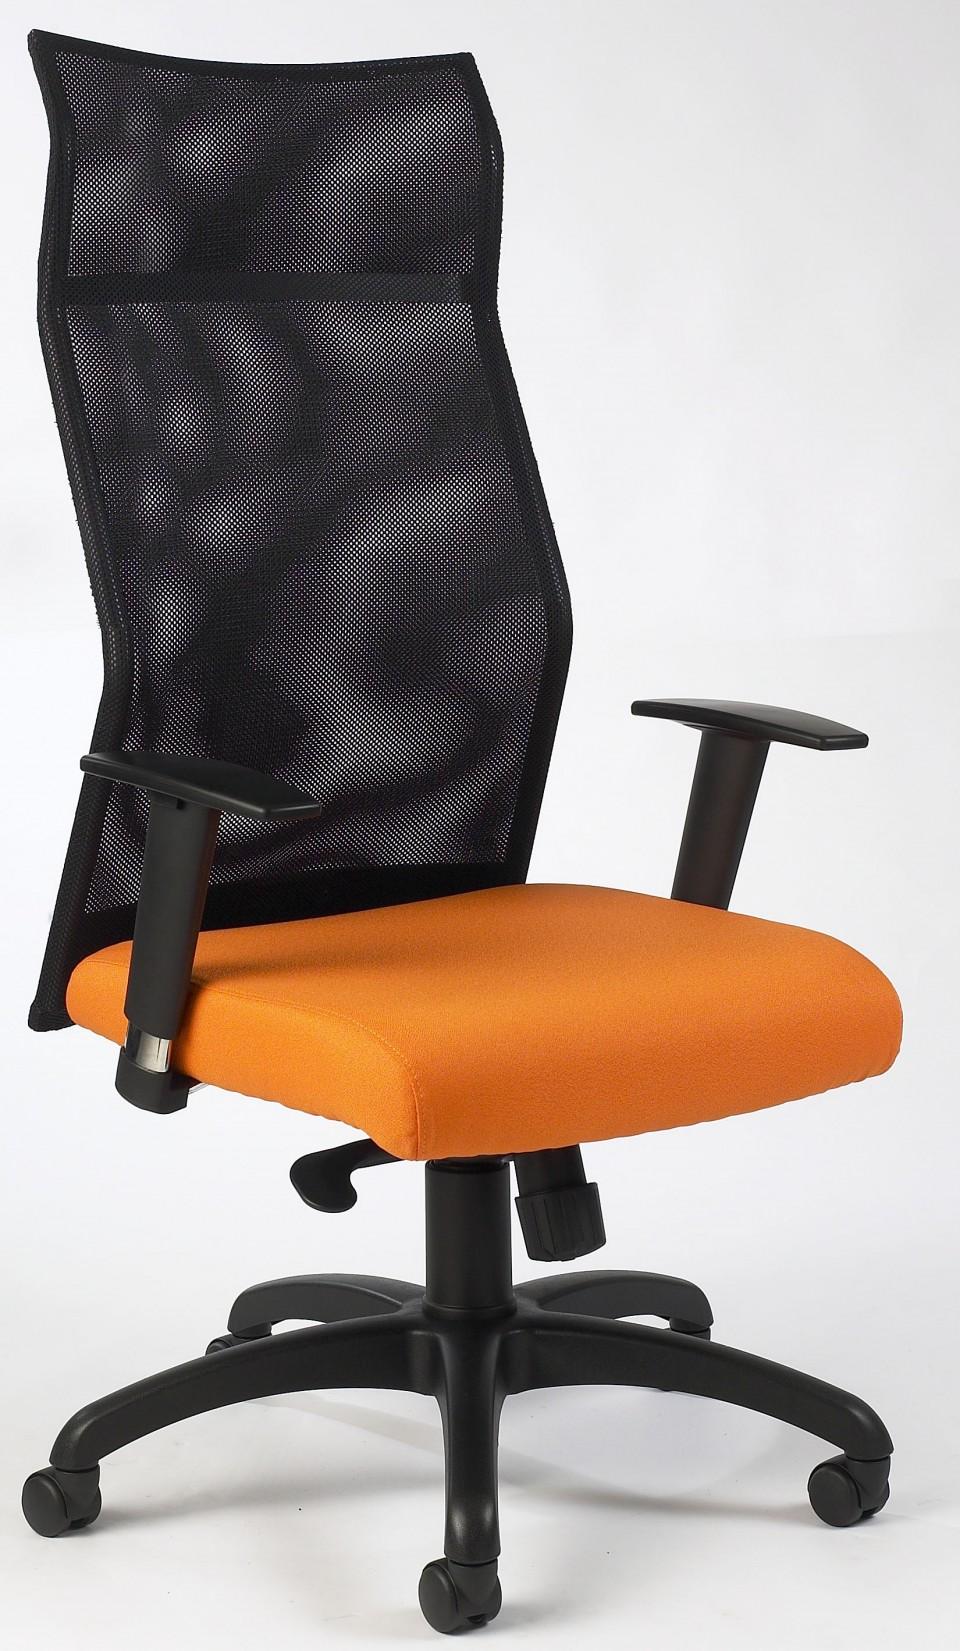 fauteuil de direction odin hd achat fauteuils de direction 259 00. Black Bedroom Furniture Sets. Home Design Ideas